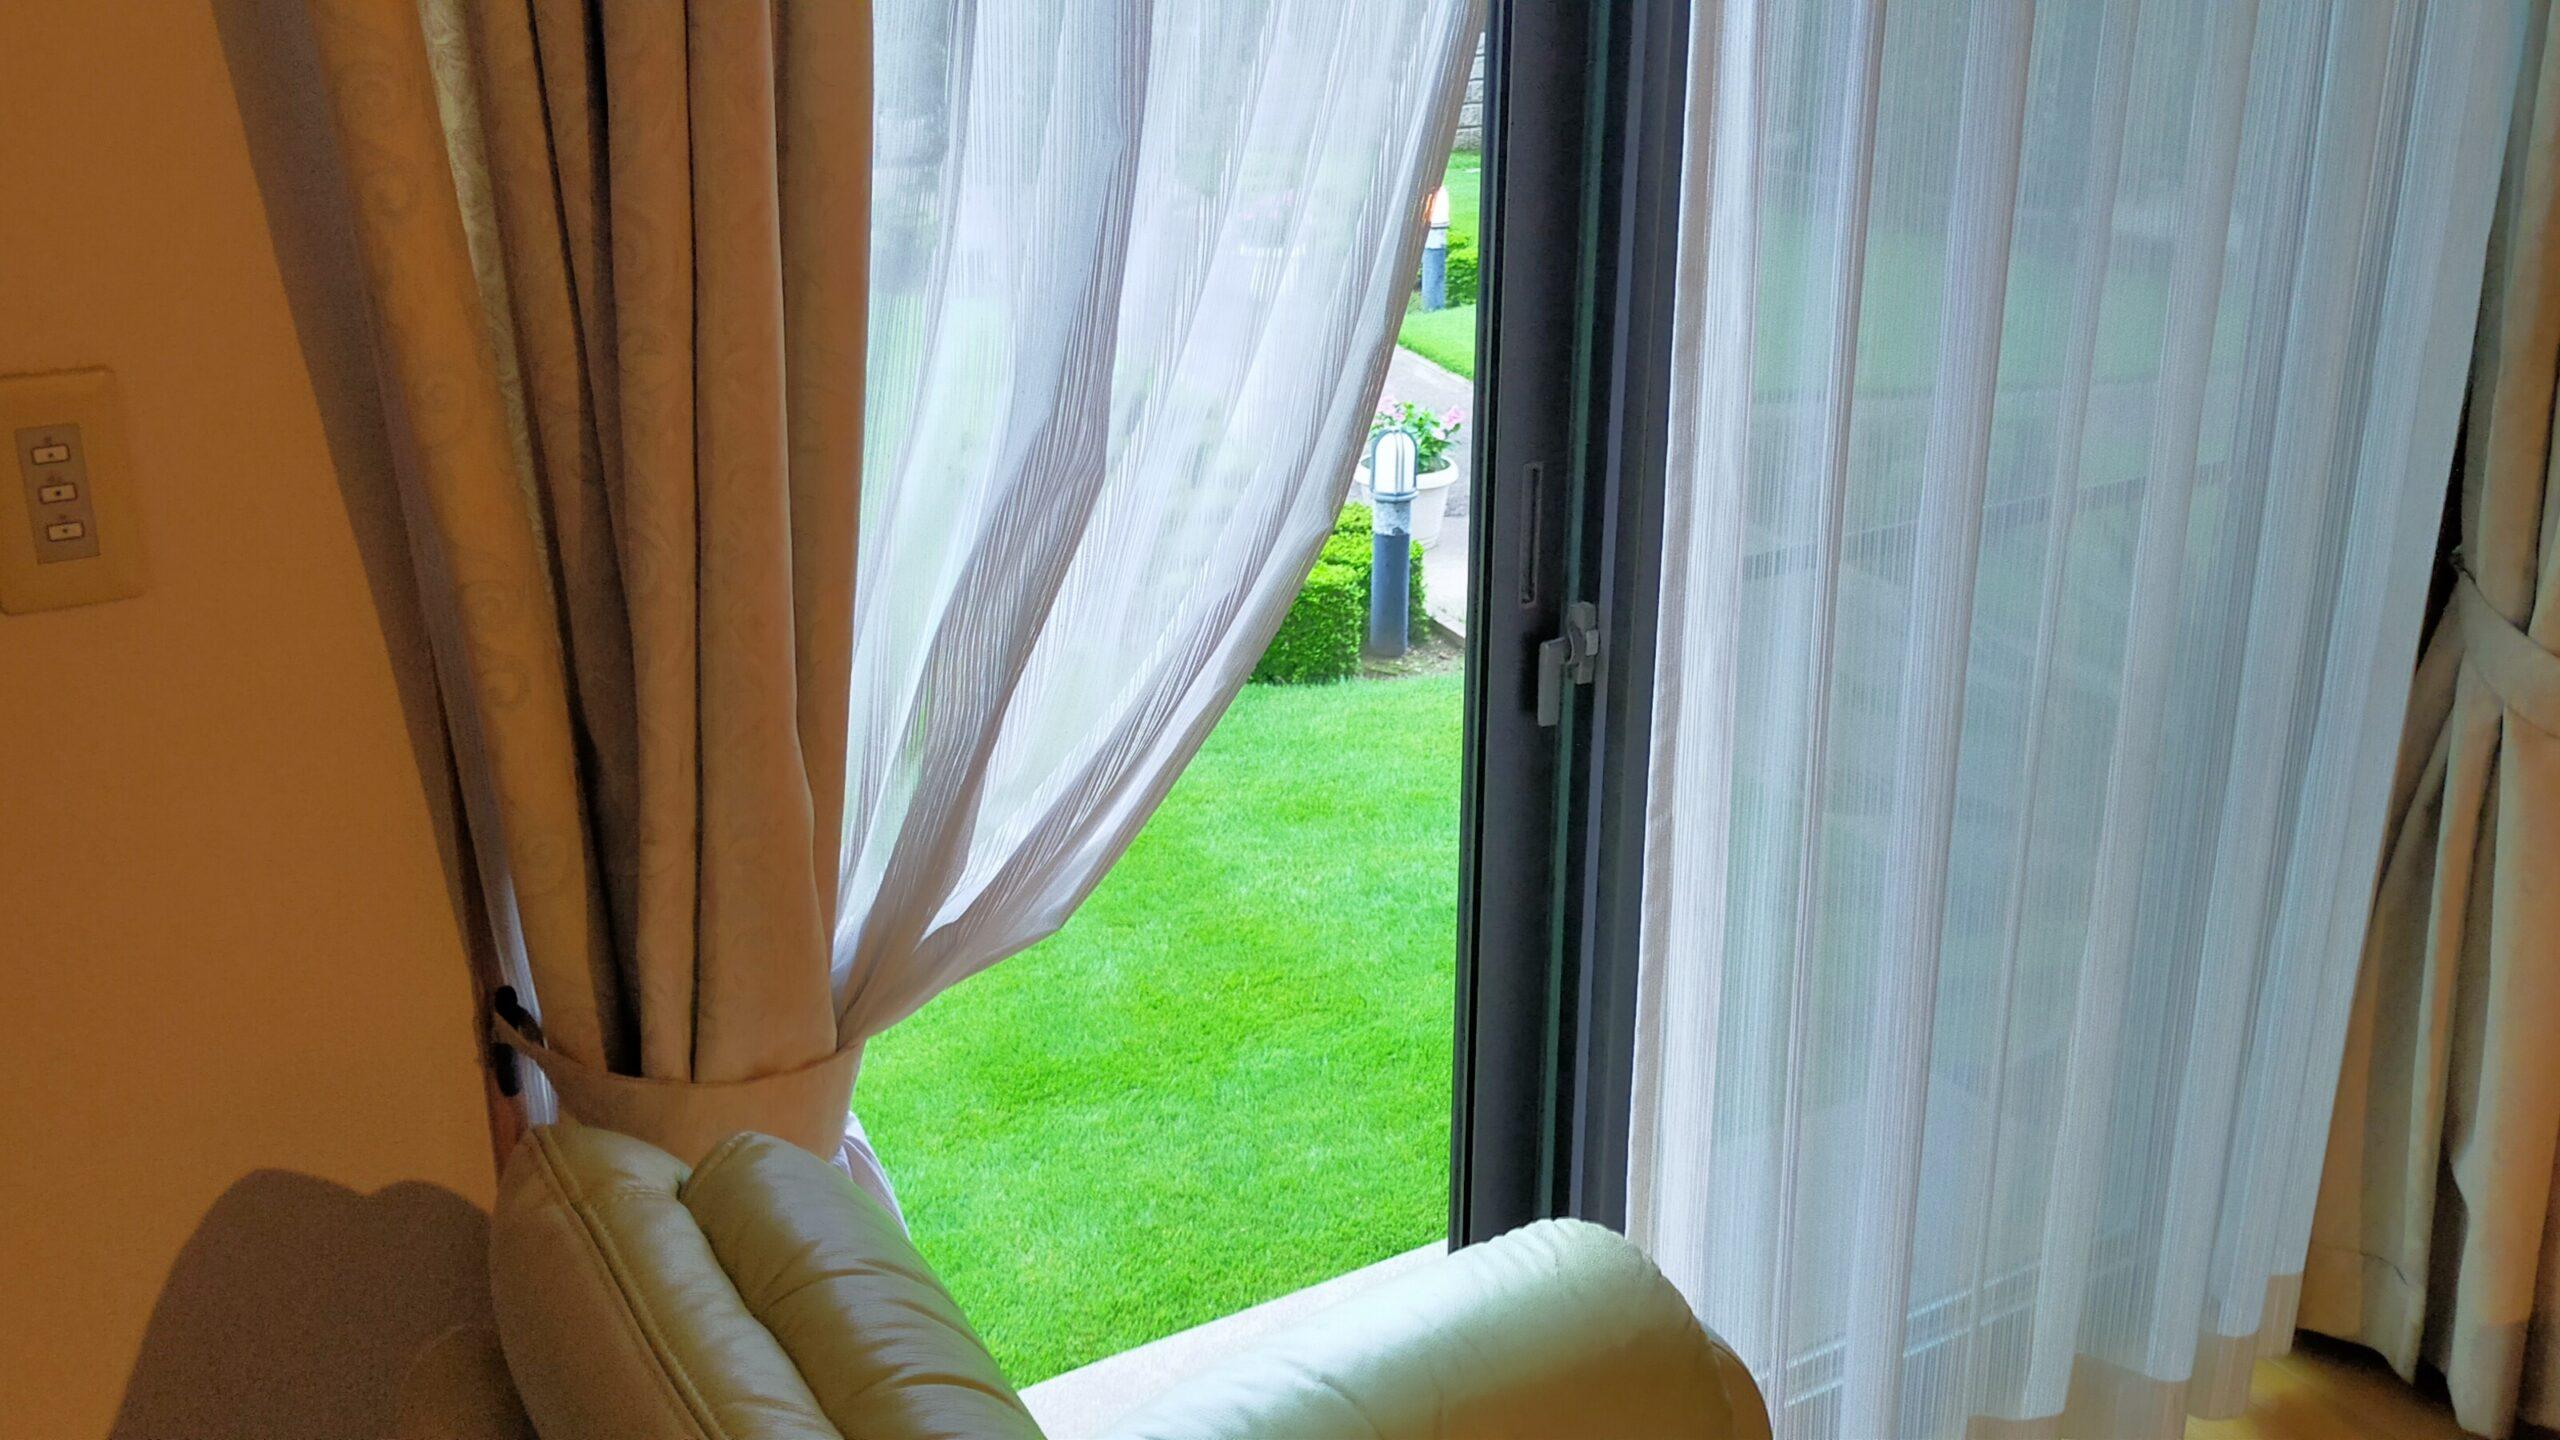 芝生があると窓を開けたくなる😄✨【stand.fm】